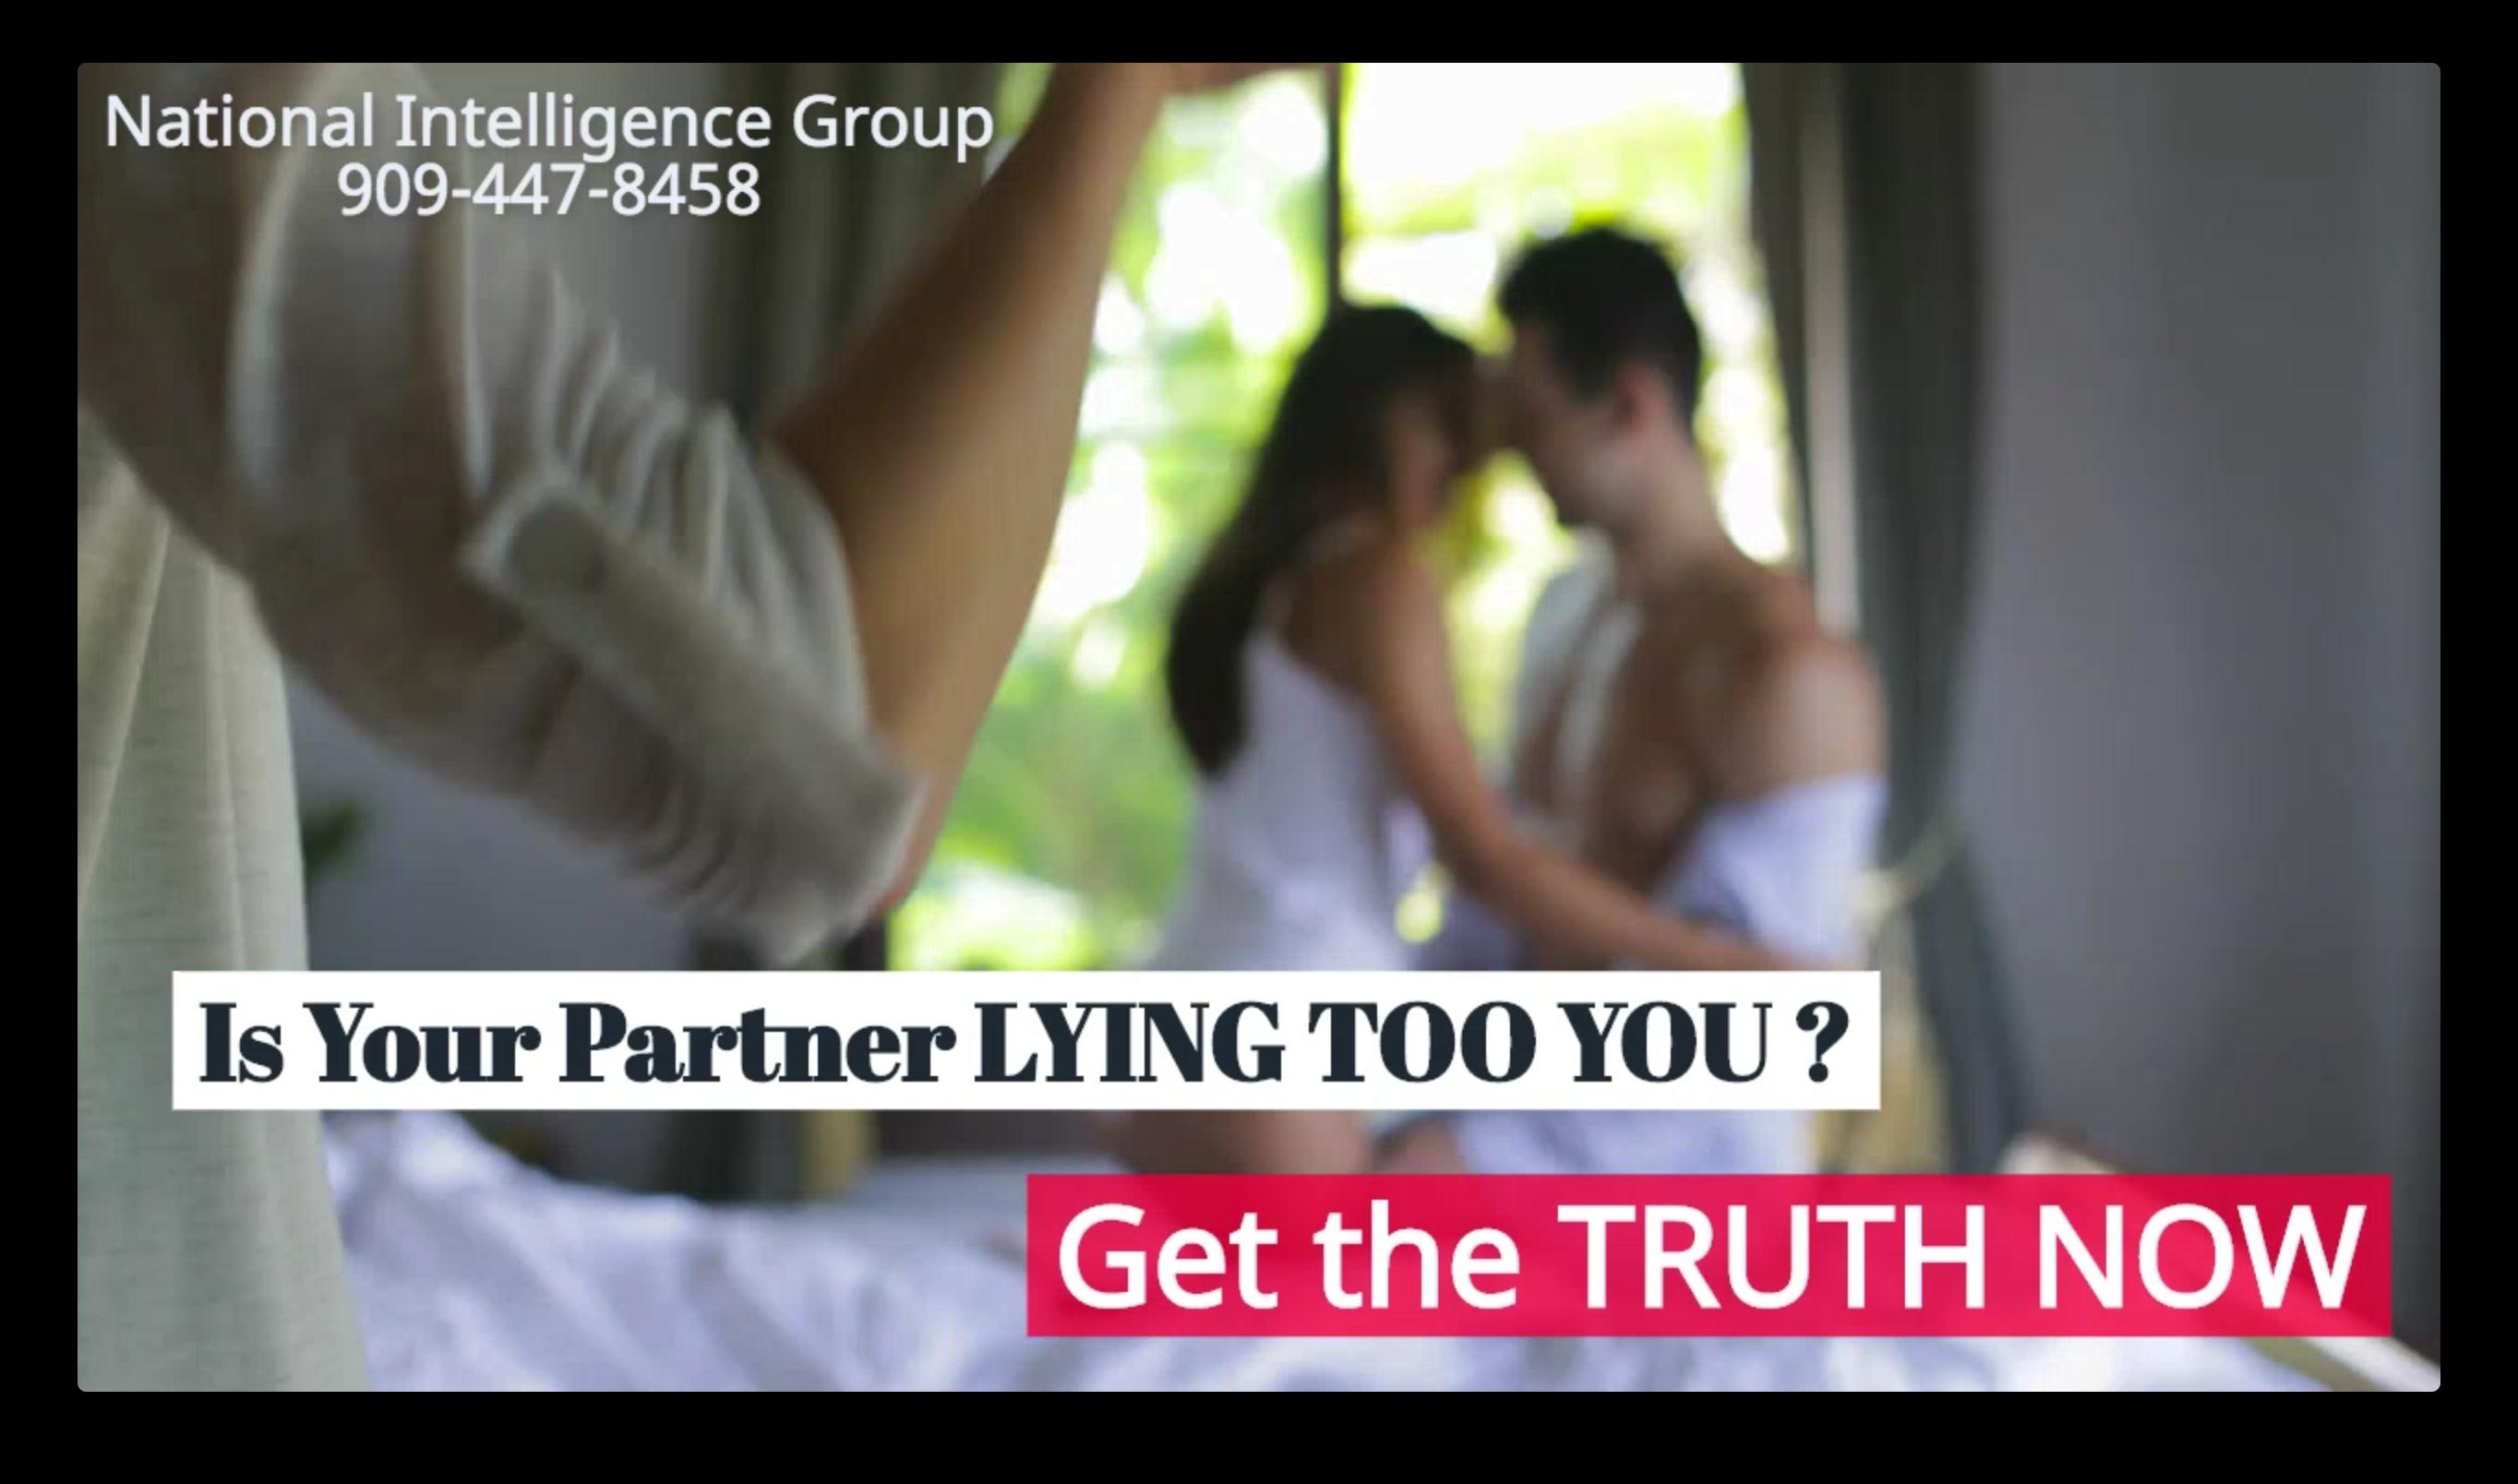 National Intelligence Group